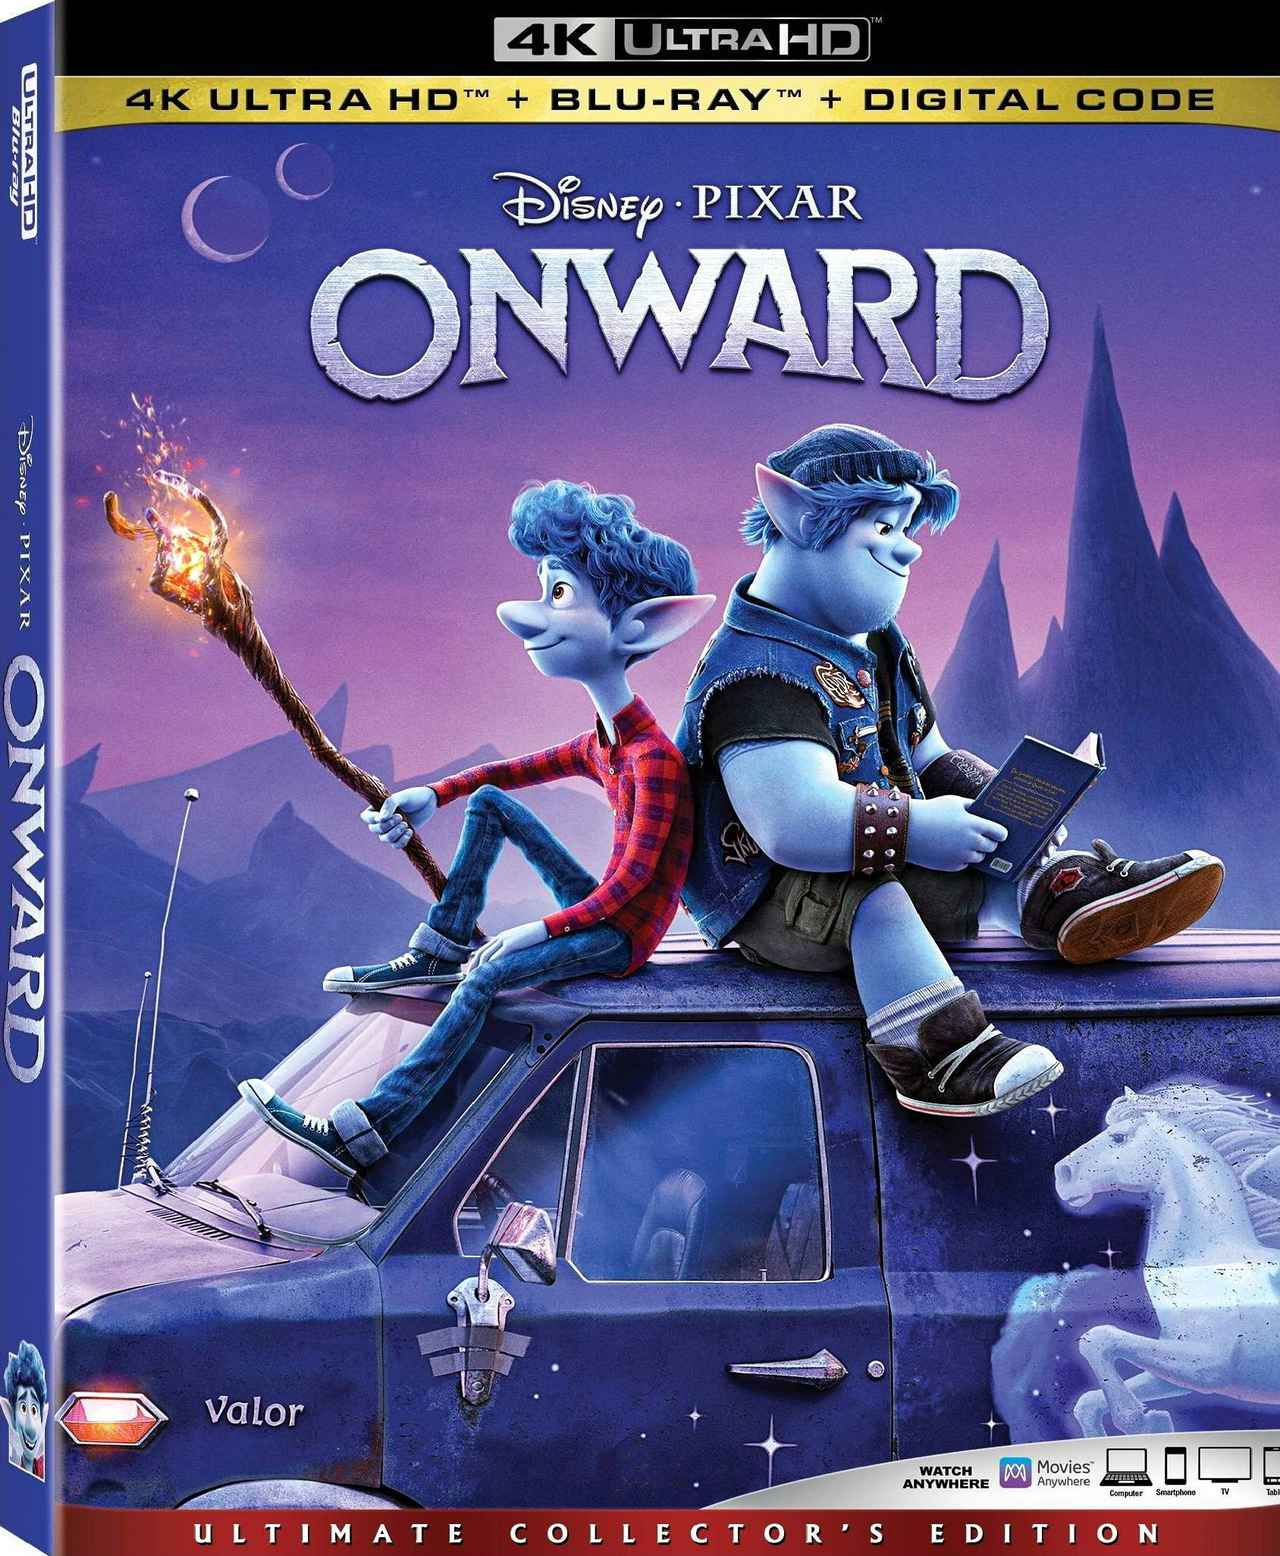 画像1: ディズニー・ピクサー最新作『2分の1の魔法』【海外盤Blu-ray発売情報】